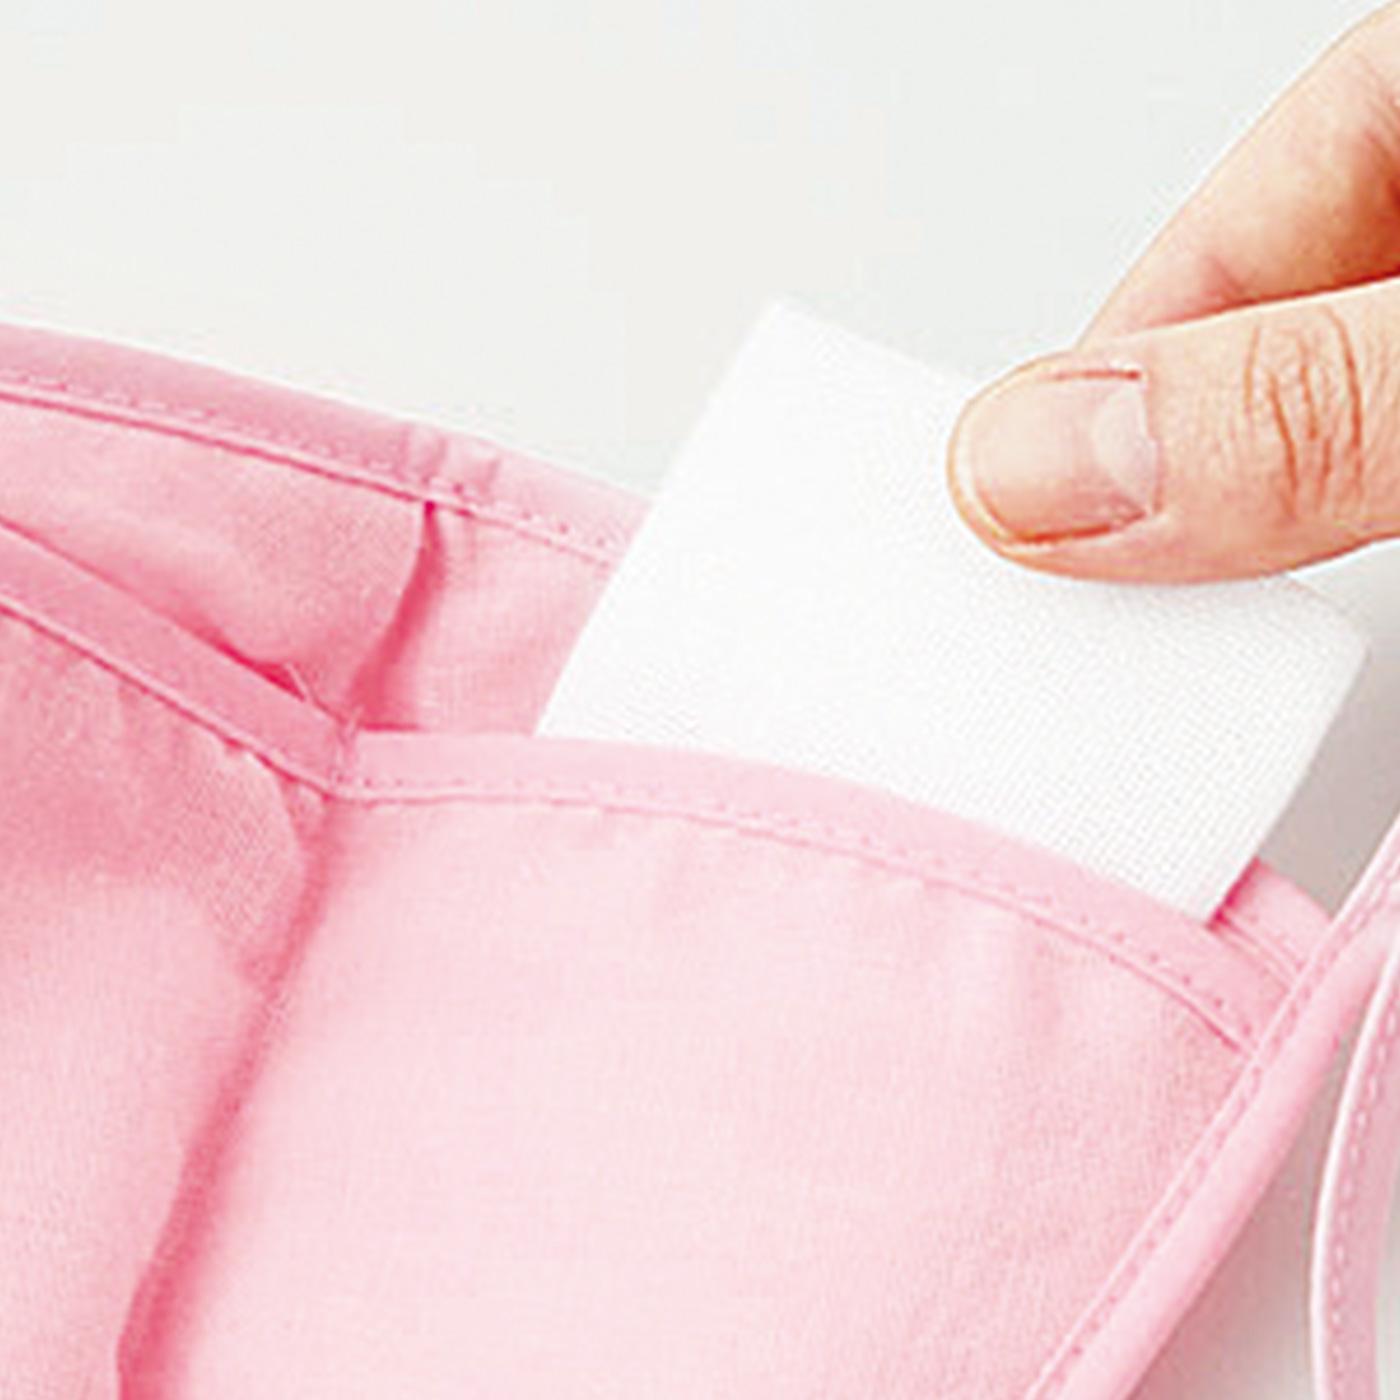 内側ポケットに手持ちのガーゼをぬらして入れるだけ。